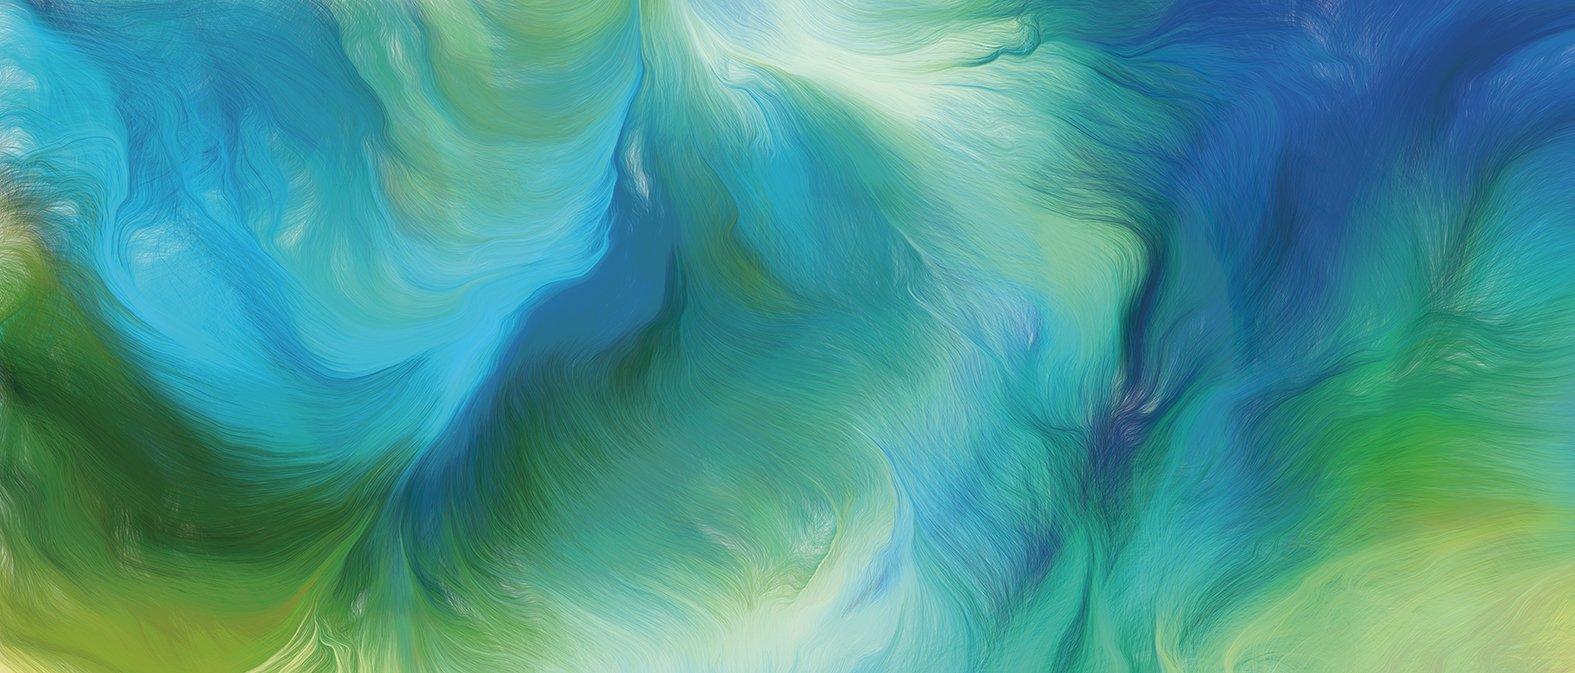 Schmuckbild: Aquarell blau, grün